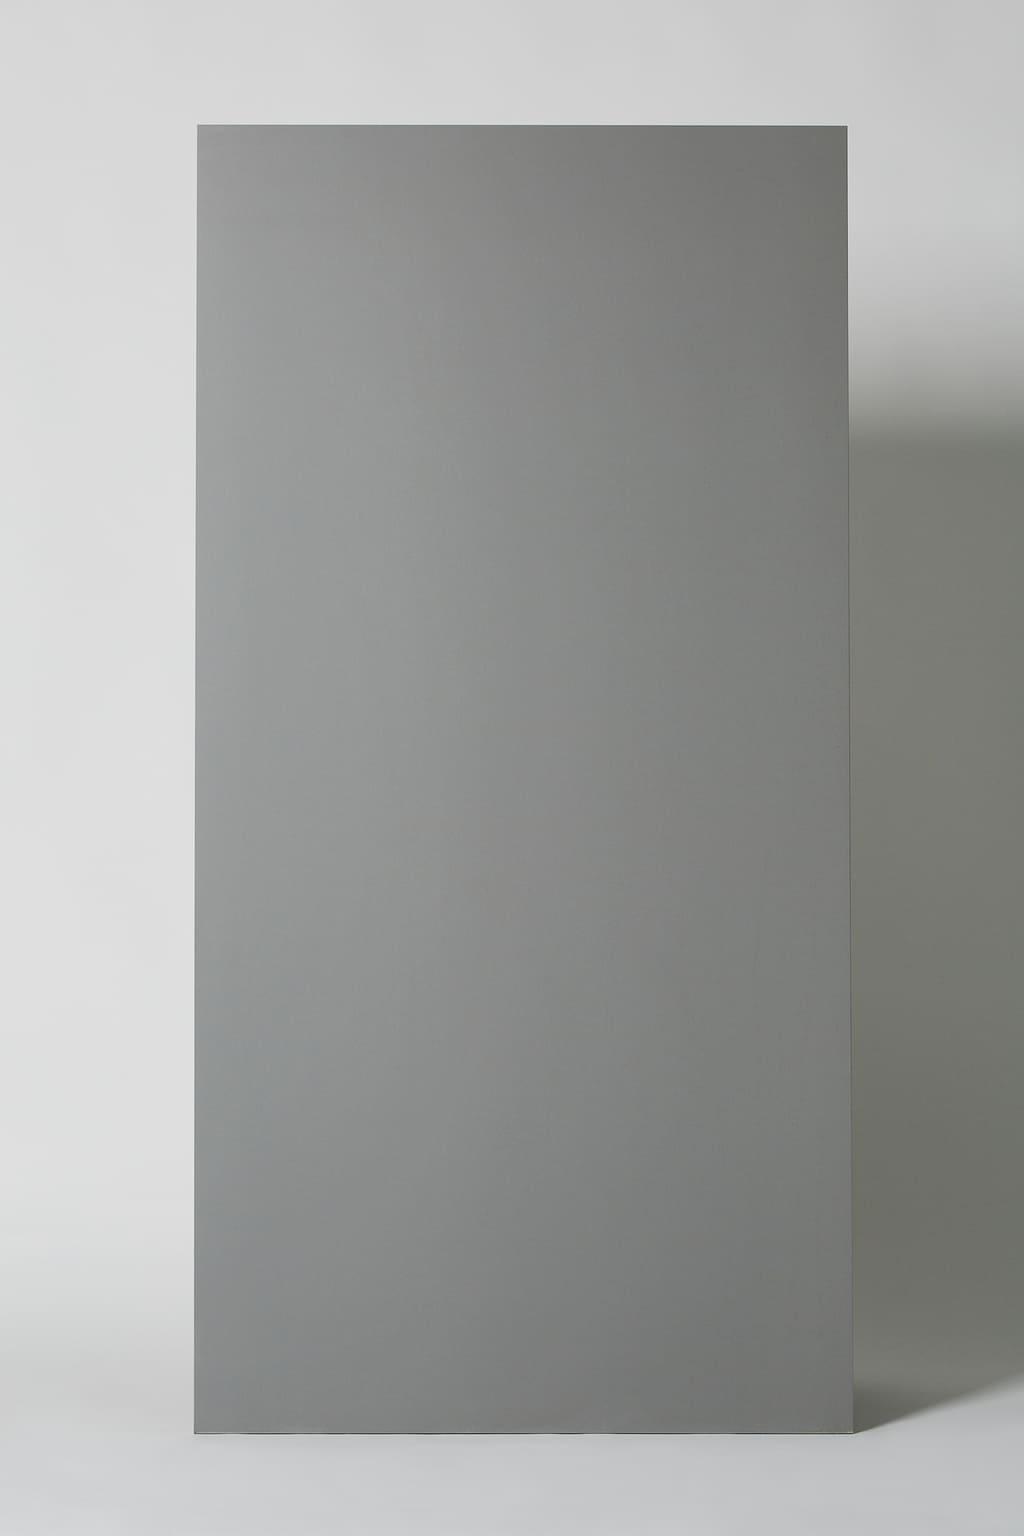 Płytka gresowa - salon, kuchnia, matowa, na podłogę lub ścianę, rektyfikowana, mrozoodporna, antypoślizgowa: C1, rozmiar 60x120cm, szara - Mykonos Technic gris